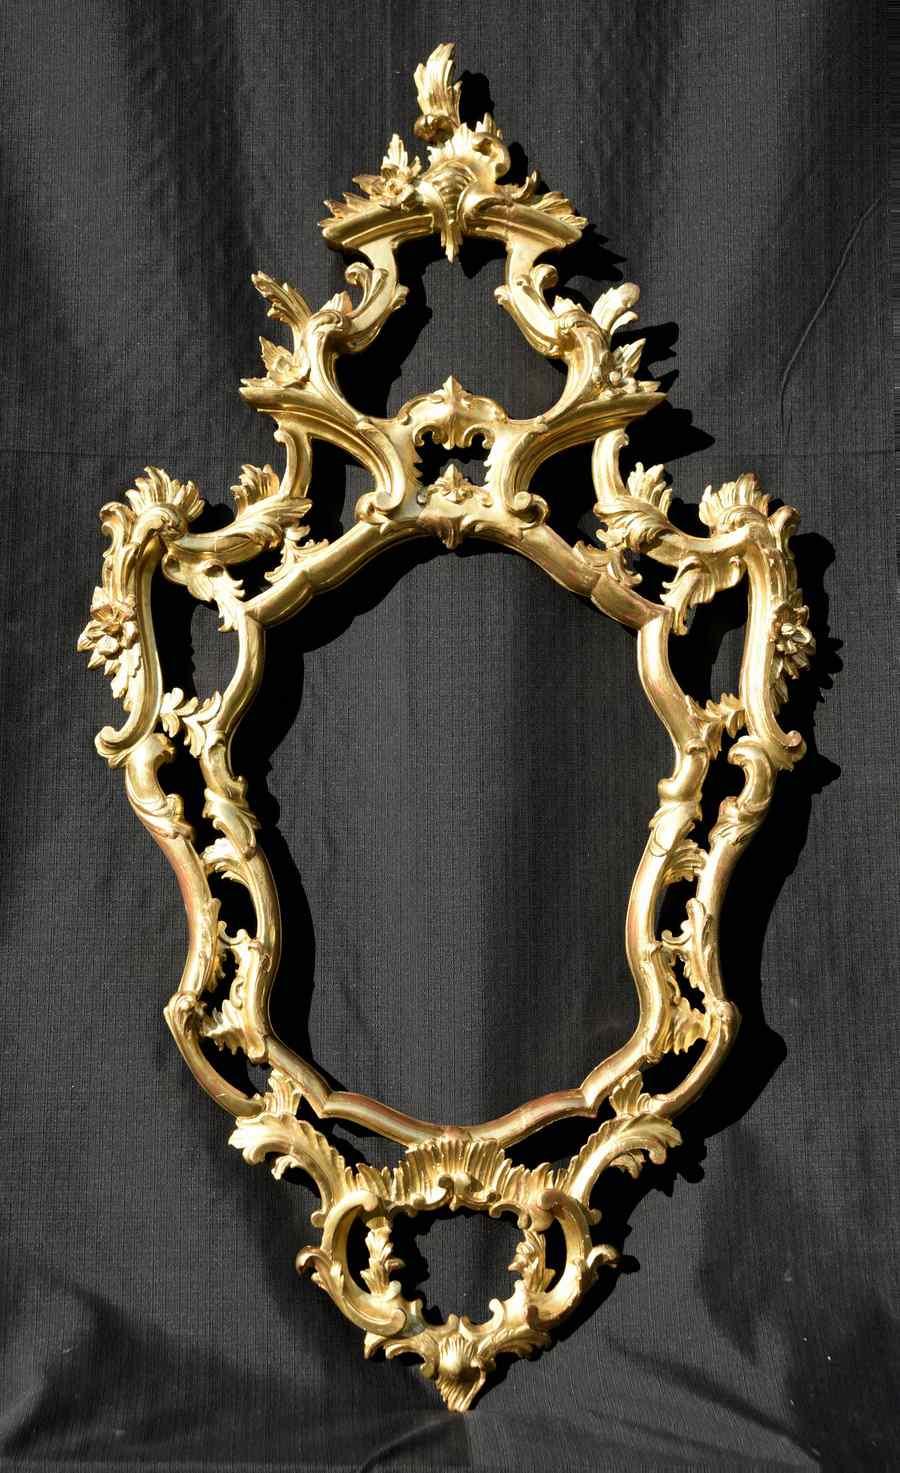 Antique Baroque style mirror